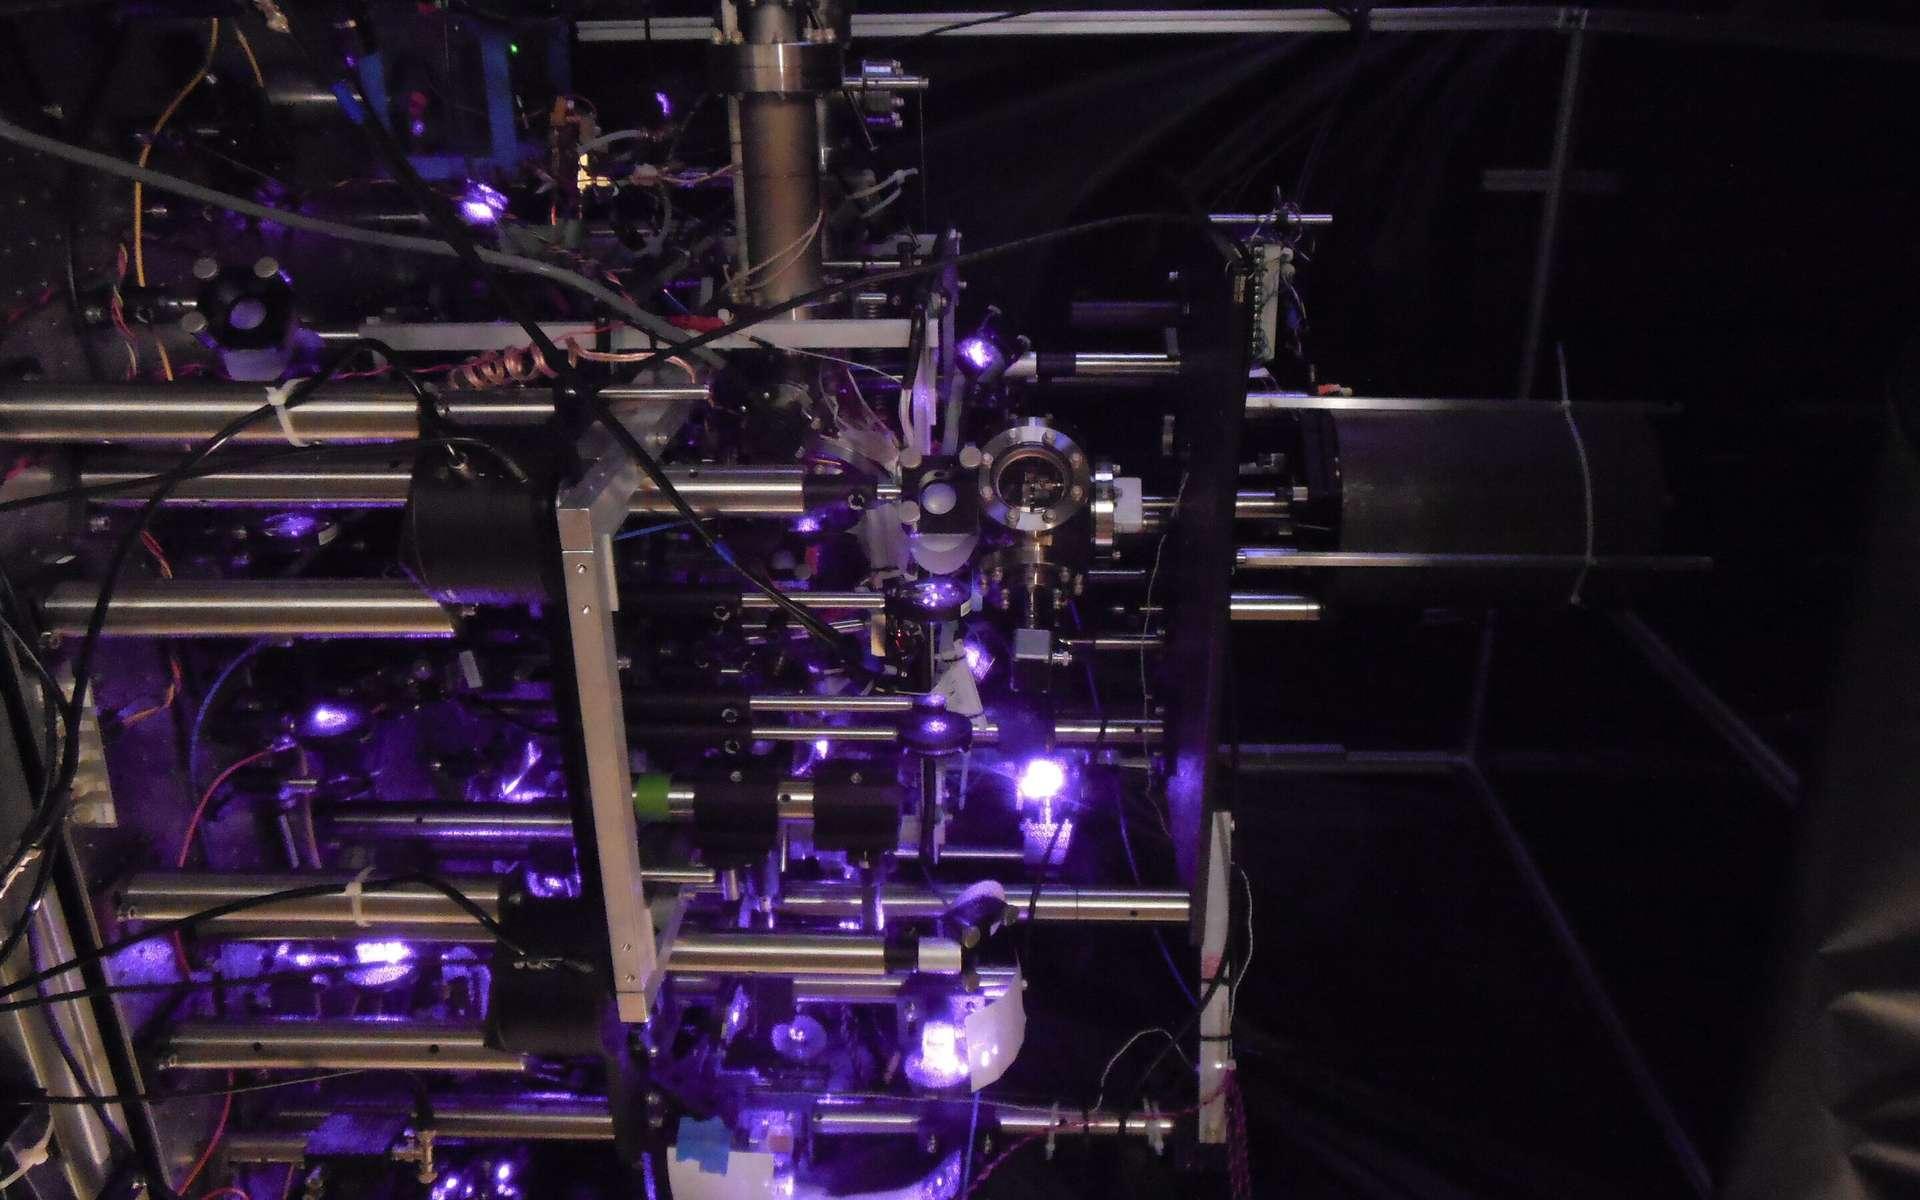 Un laser violet permet de faire flotter les atomes en état quantique et de mesurer leur état. © Victoria Xu